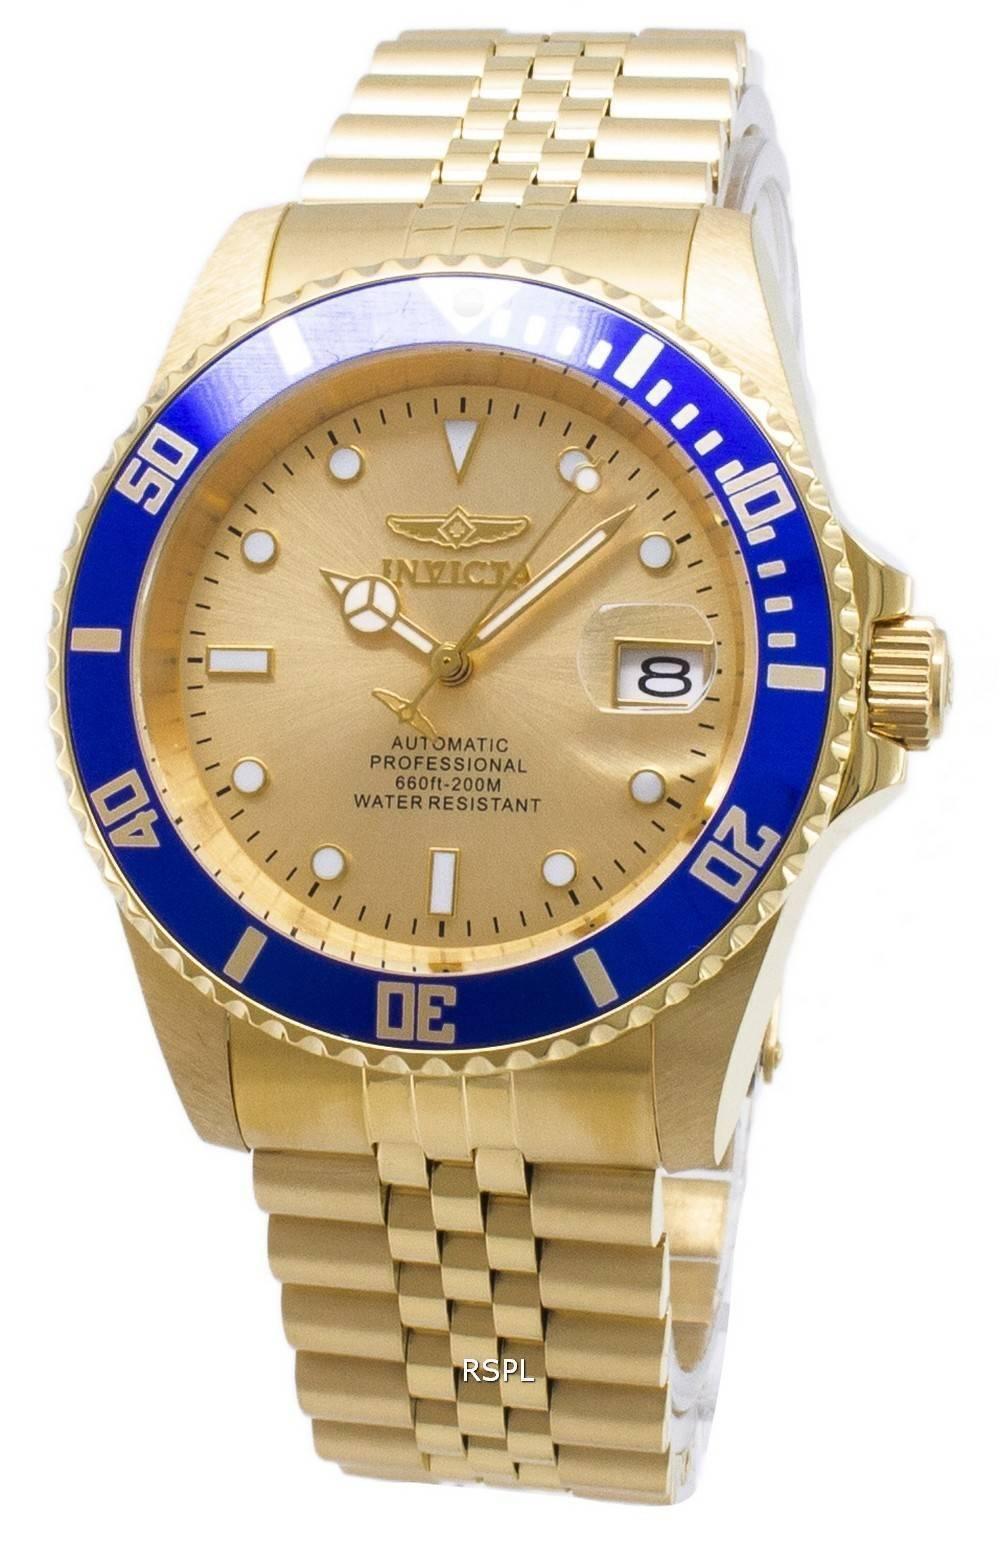 b93e5869a Invicta Pro Diver Professional 29185 Automatic Analog 200M Men's Watch